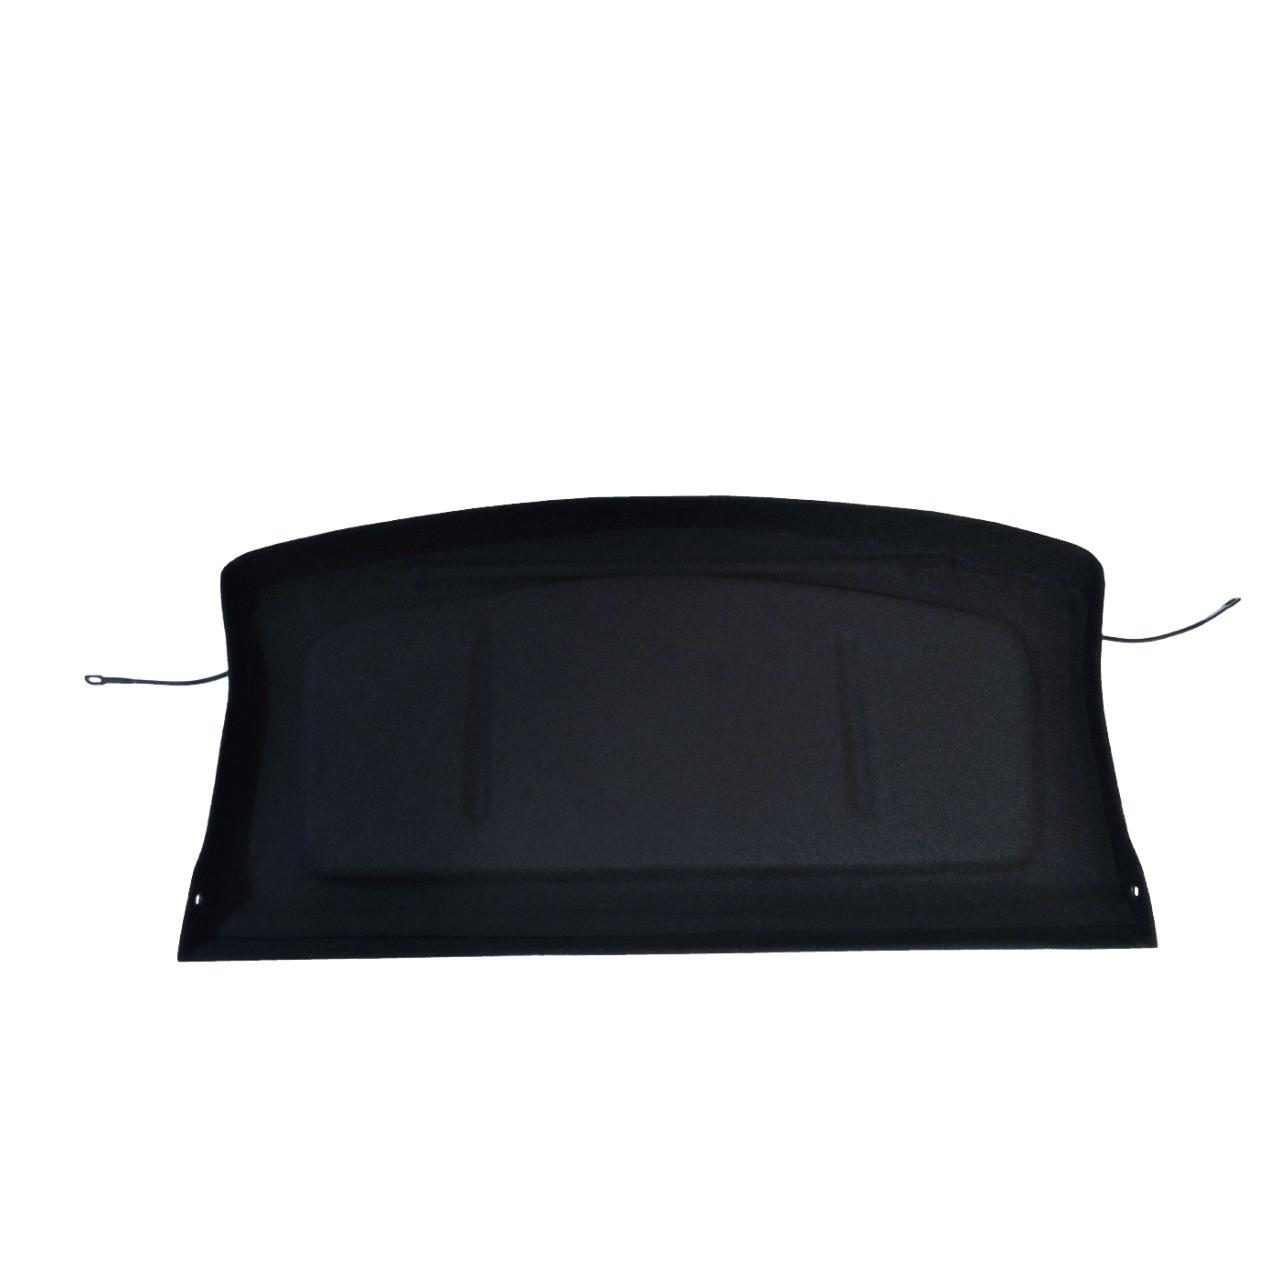 Tampão de Porta-Malas Creta Preto em Plástico PEAD c/ Carpete 2020